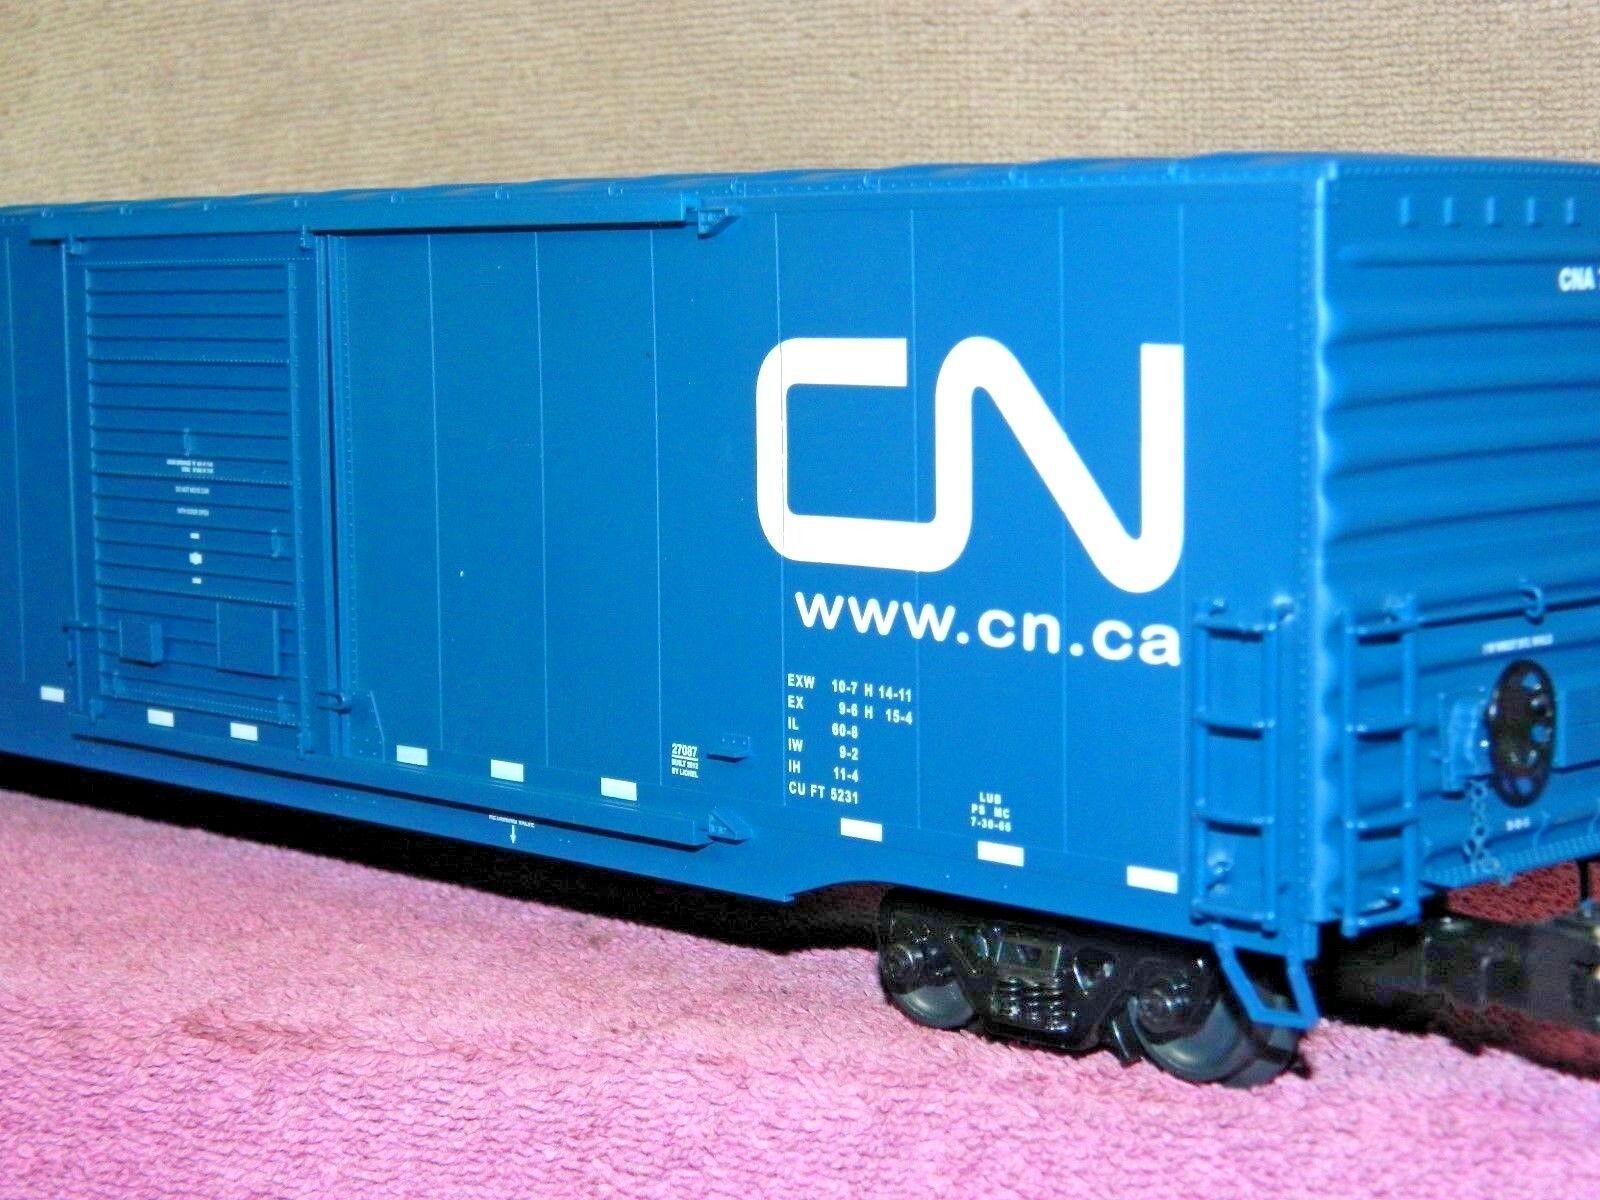 Lionel Escala nacional canadiense 60ft sola puerta Moderno Coche De Caja Nuevo En Caja